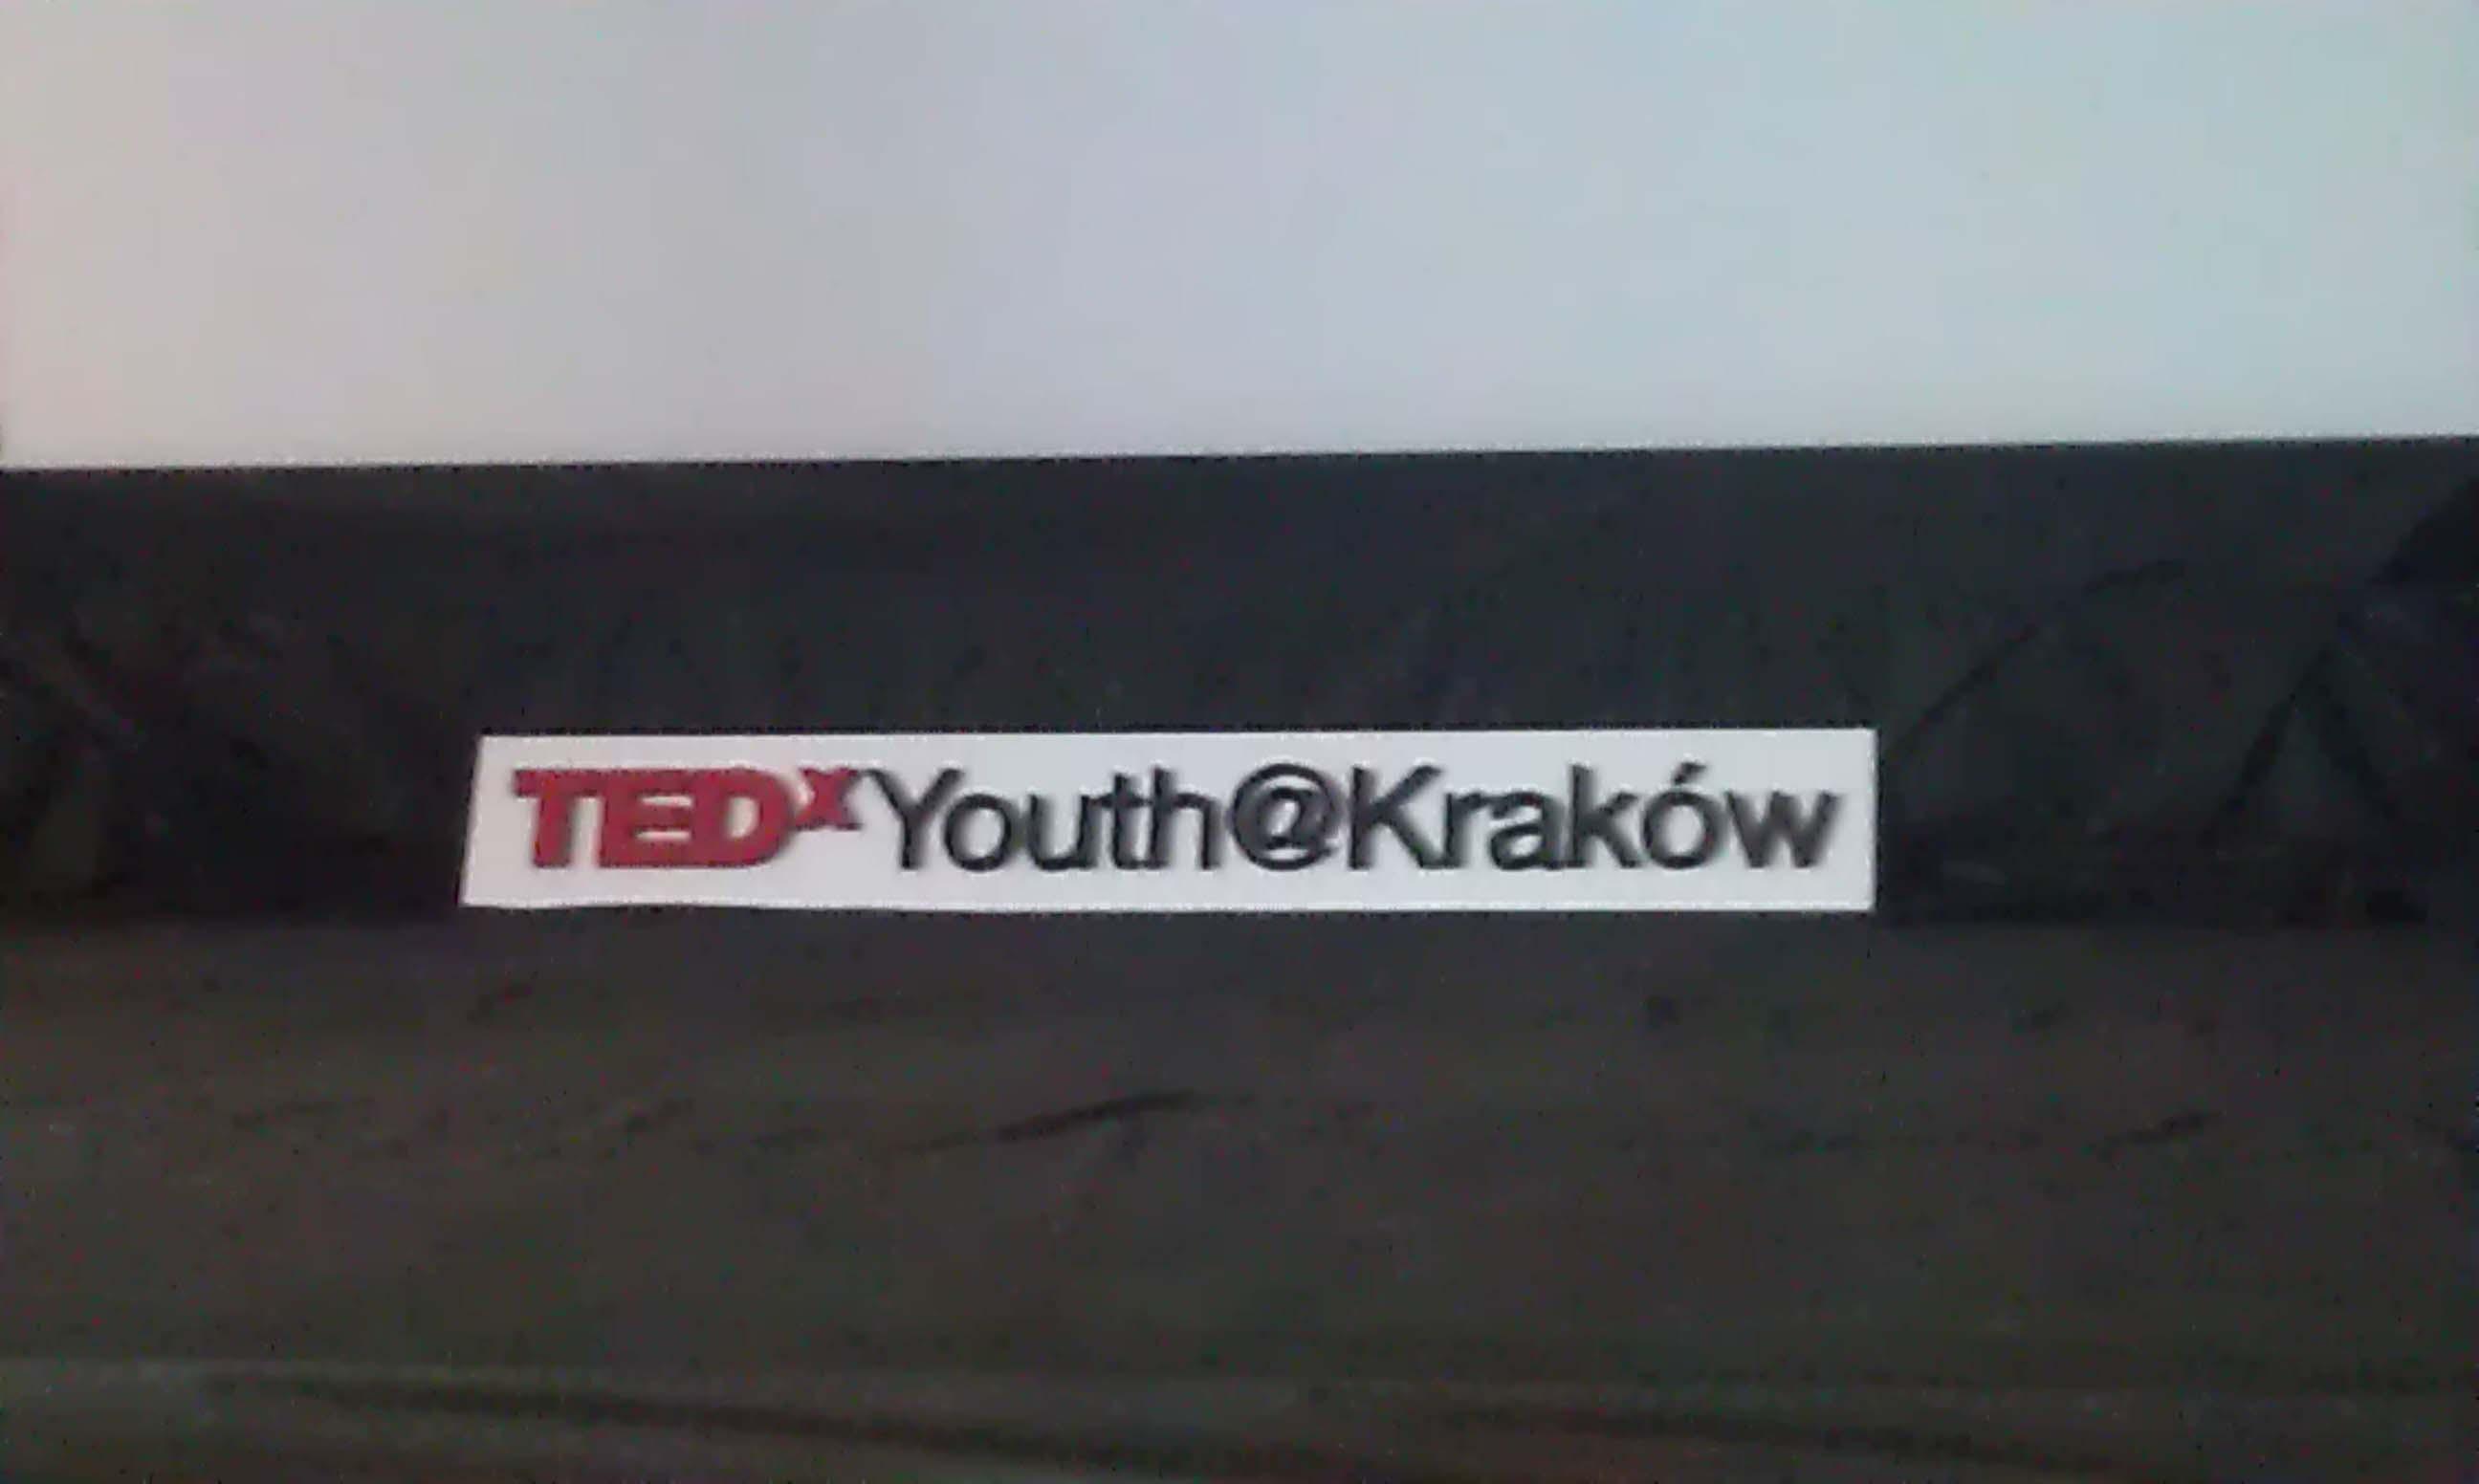 TEDxYouth@Kraków - bardzo fajna konstrukcja